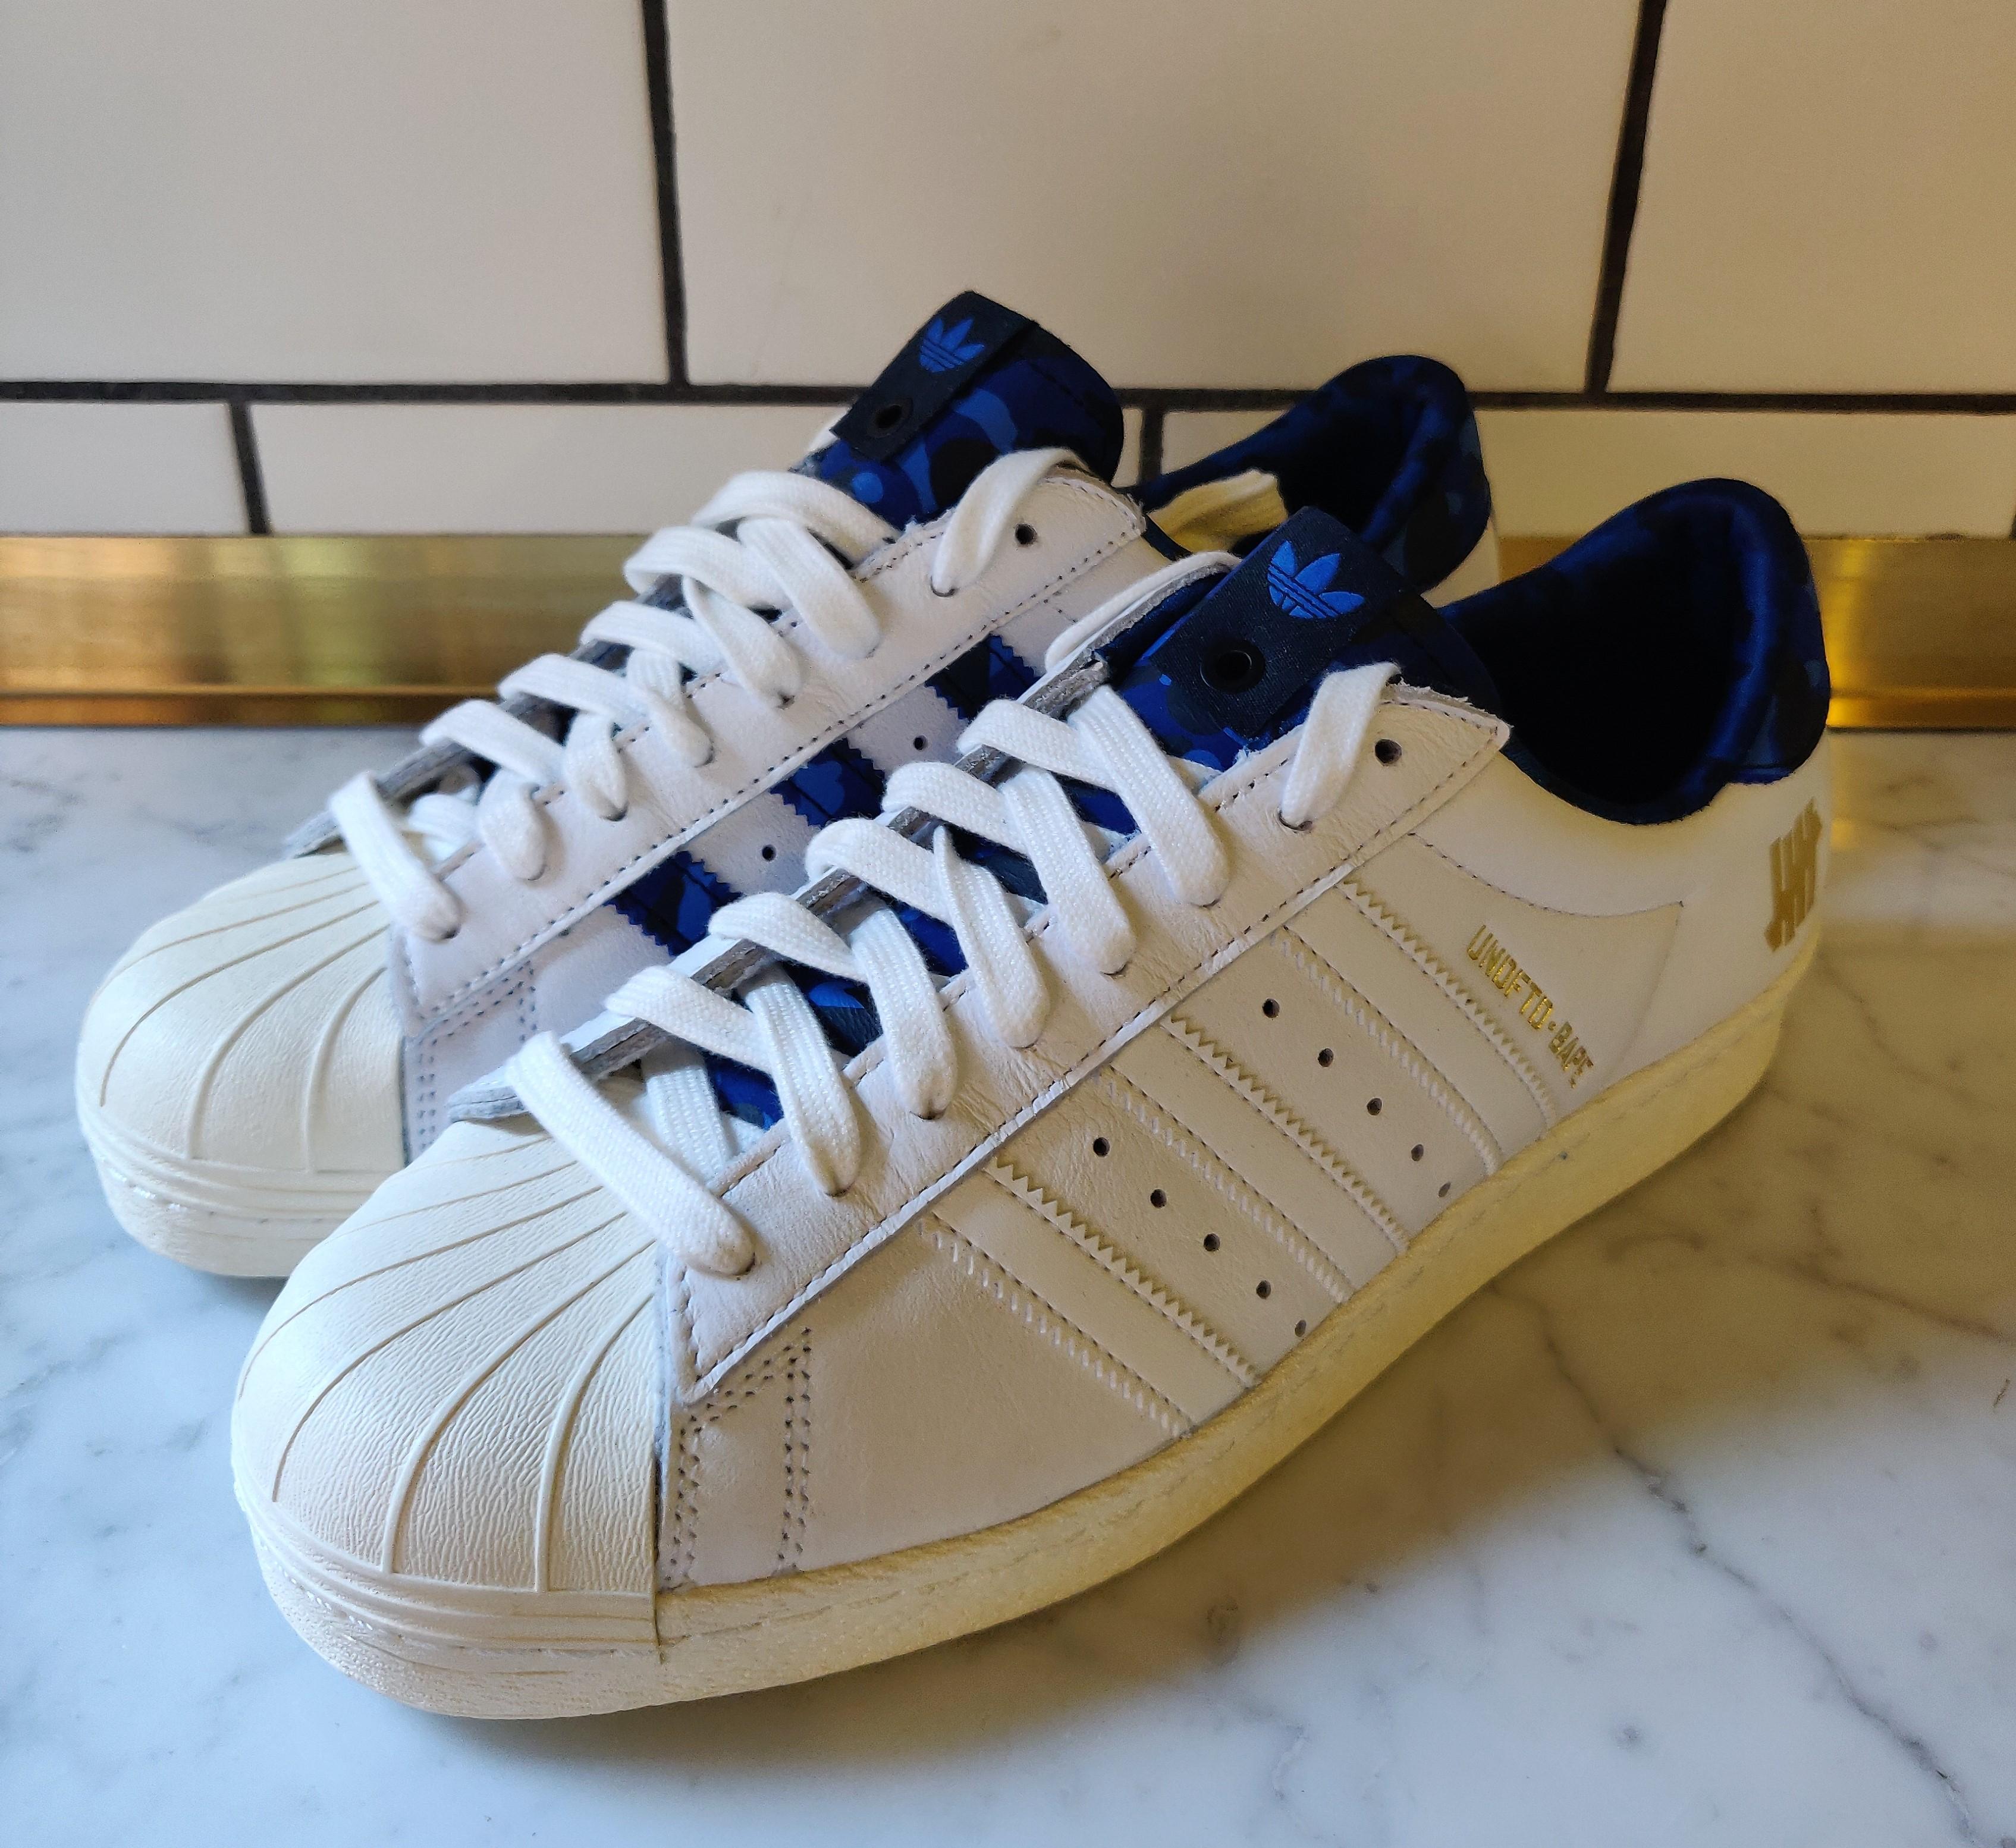 Adidas Superstar 80s UNDFTD X BAPE White Blue